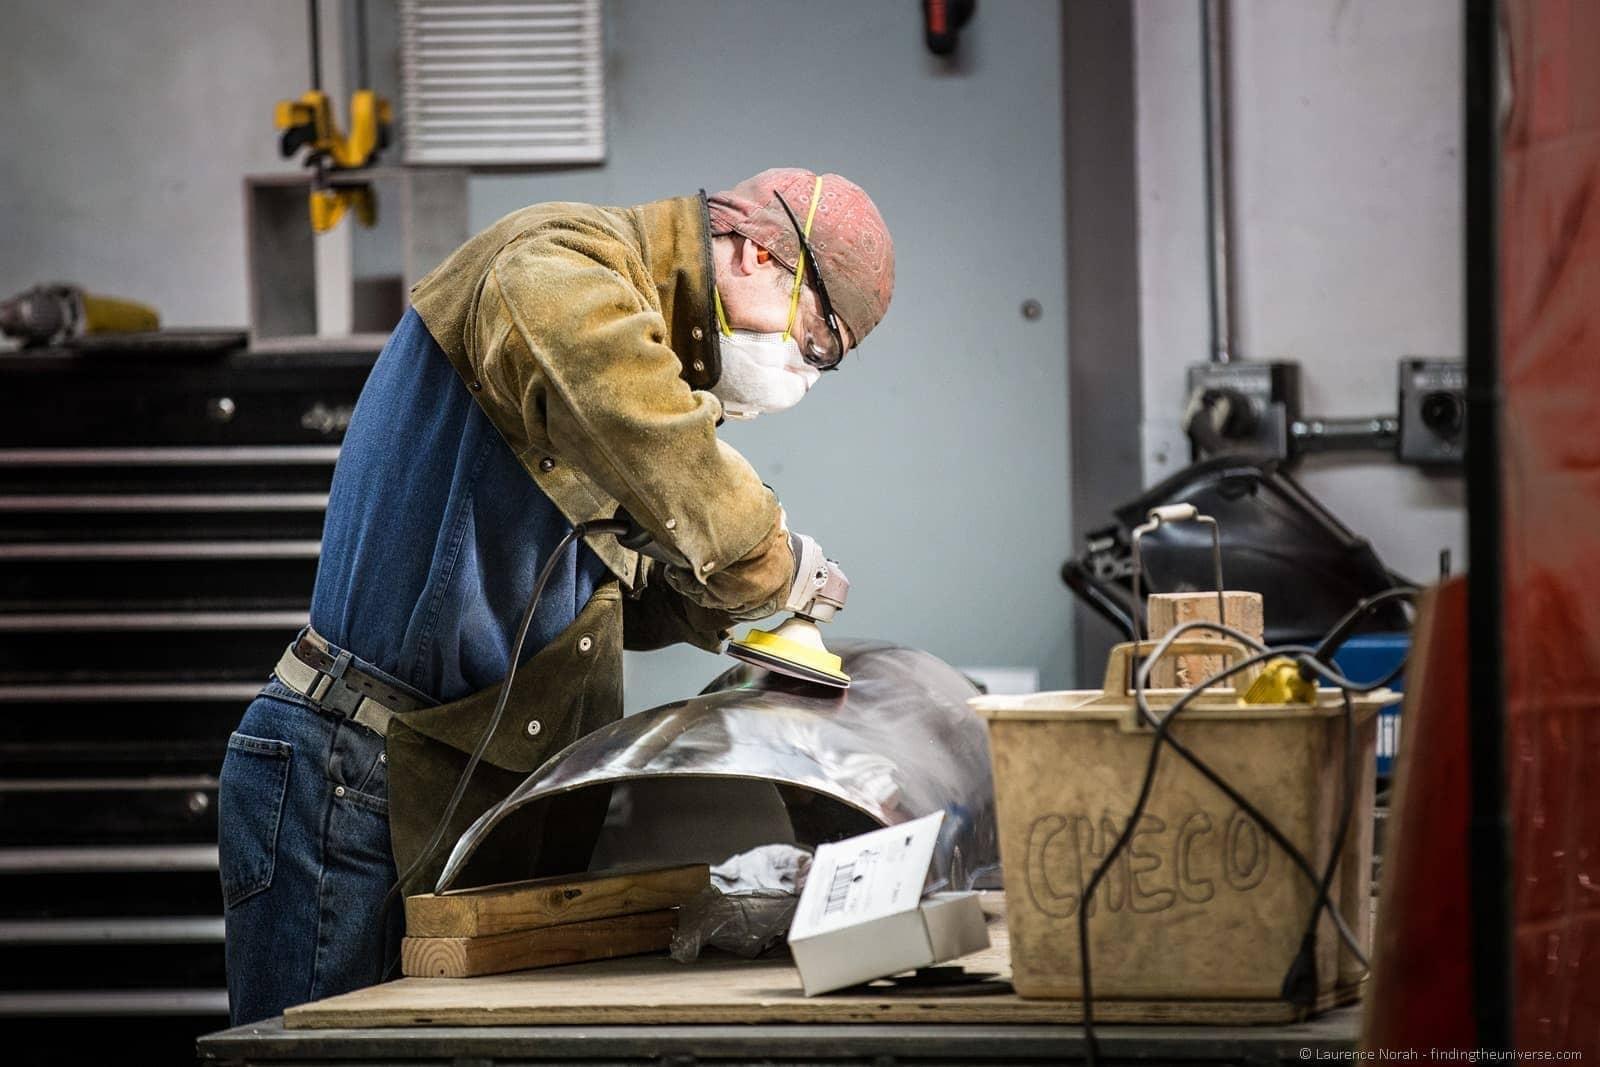 man at work Walla Walla foundry